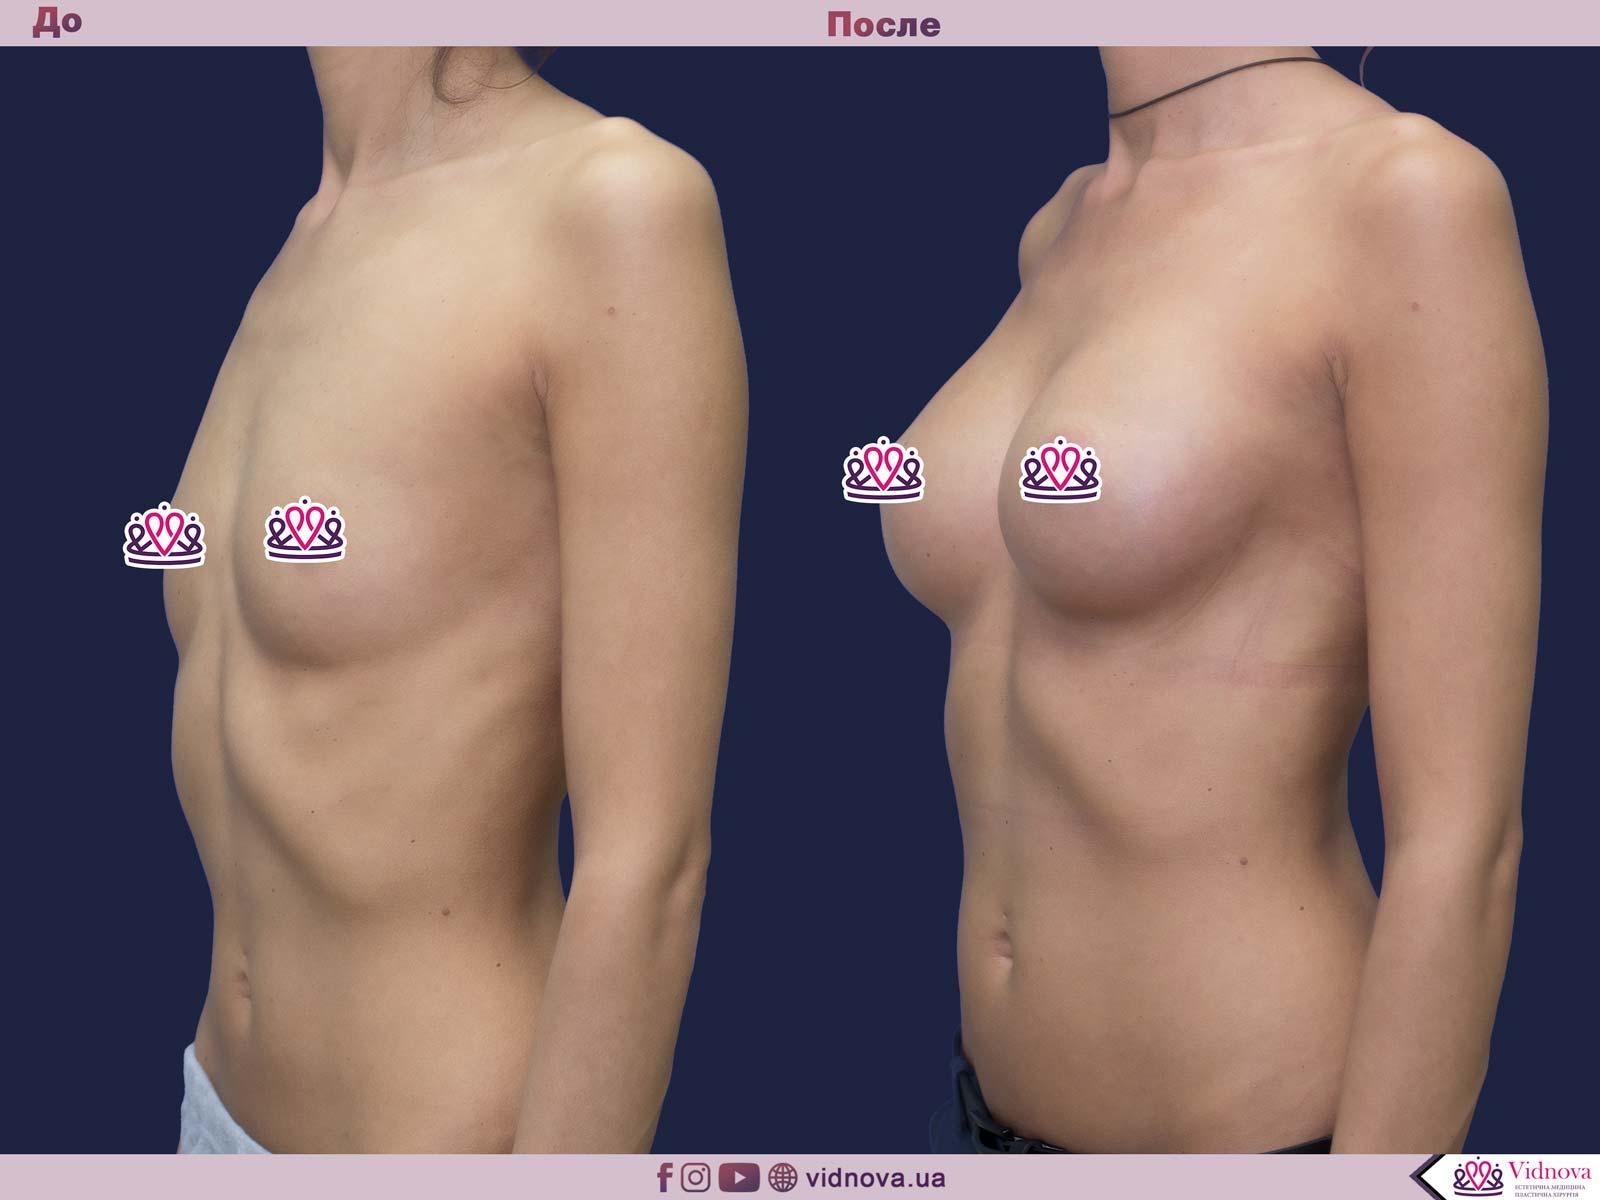 Пластика груди: результаты до и после - Пример №42-1 - Светлана Работенко